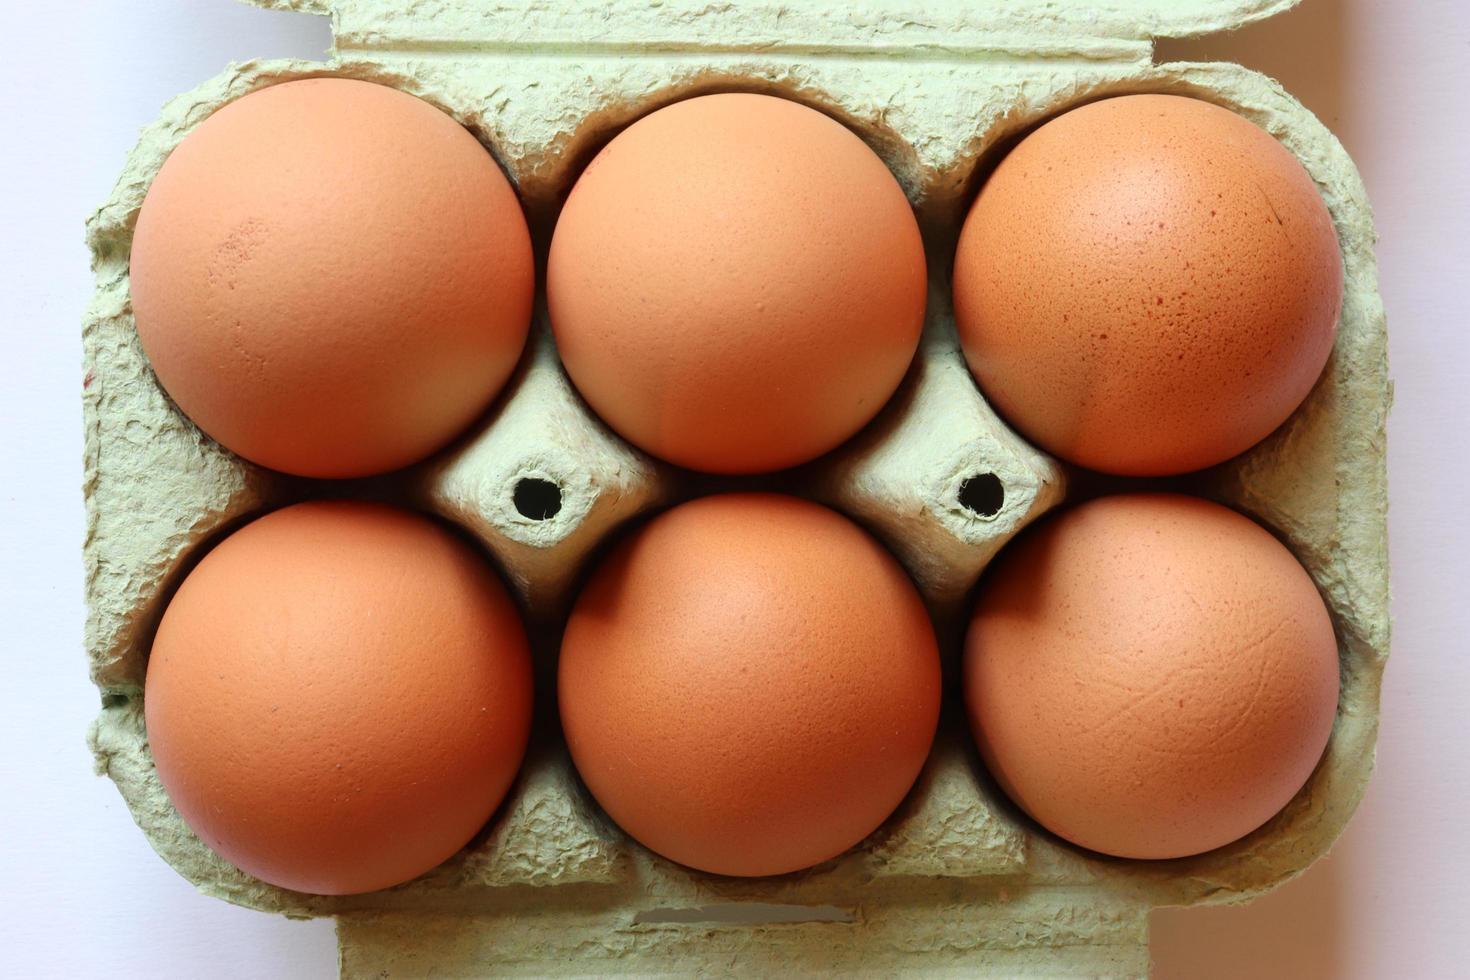 sechs Eier in einem Eierkarton foto